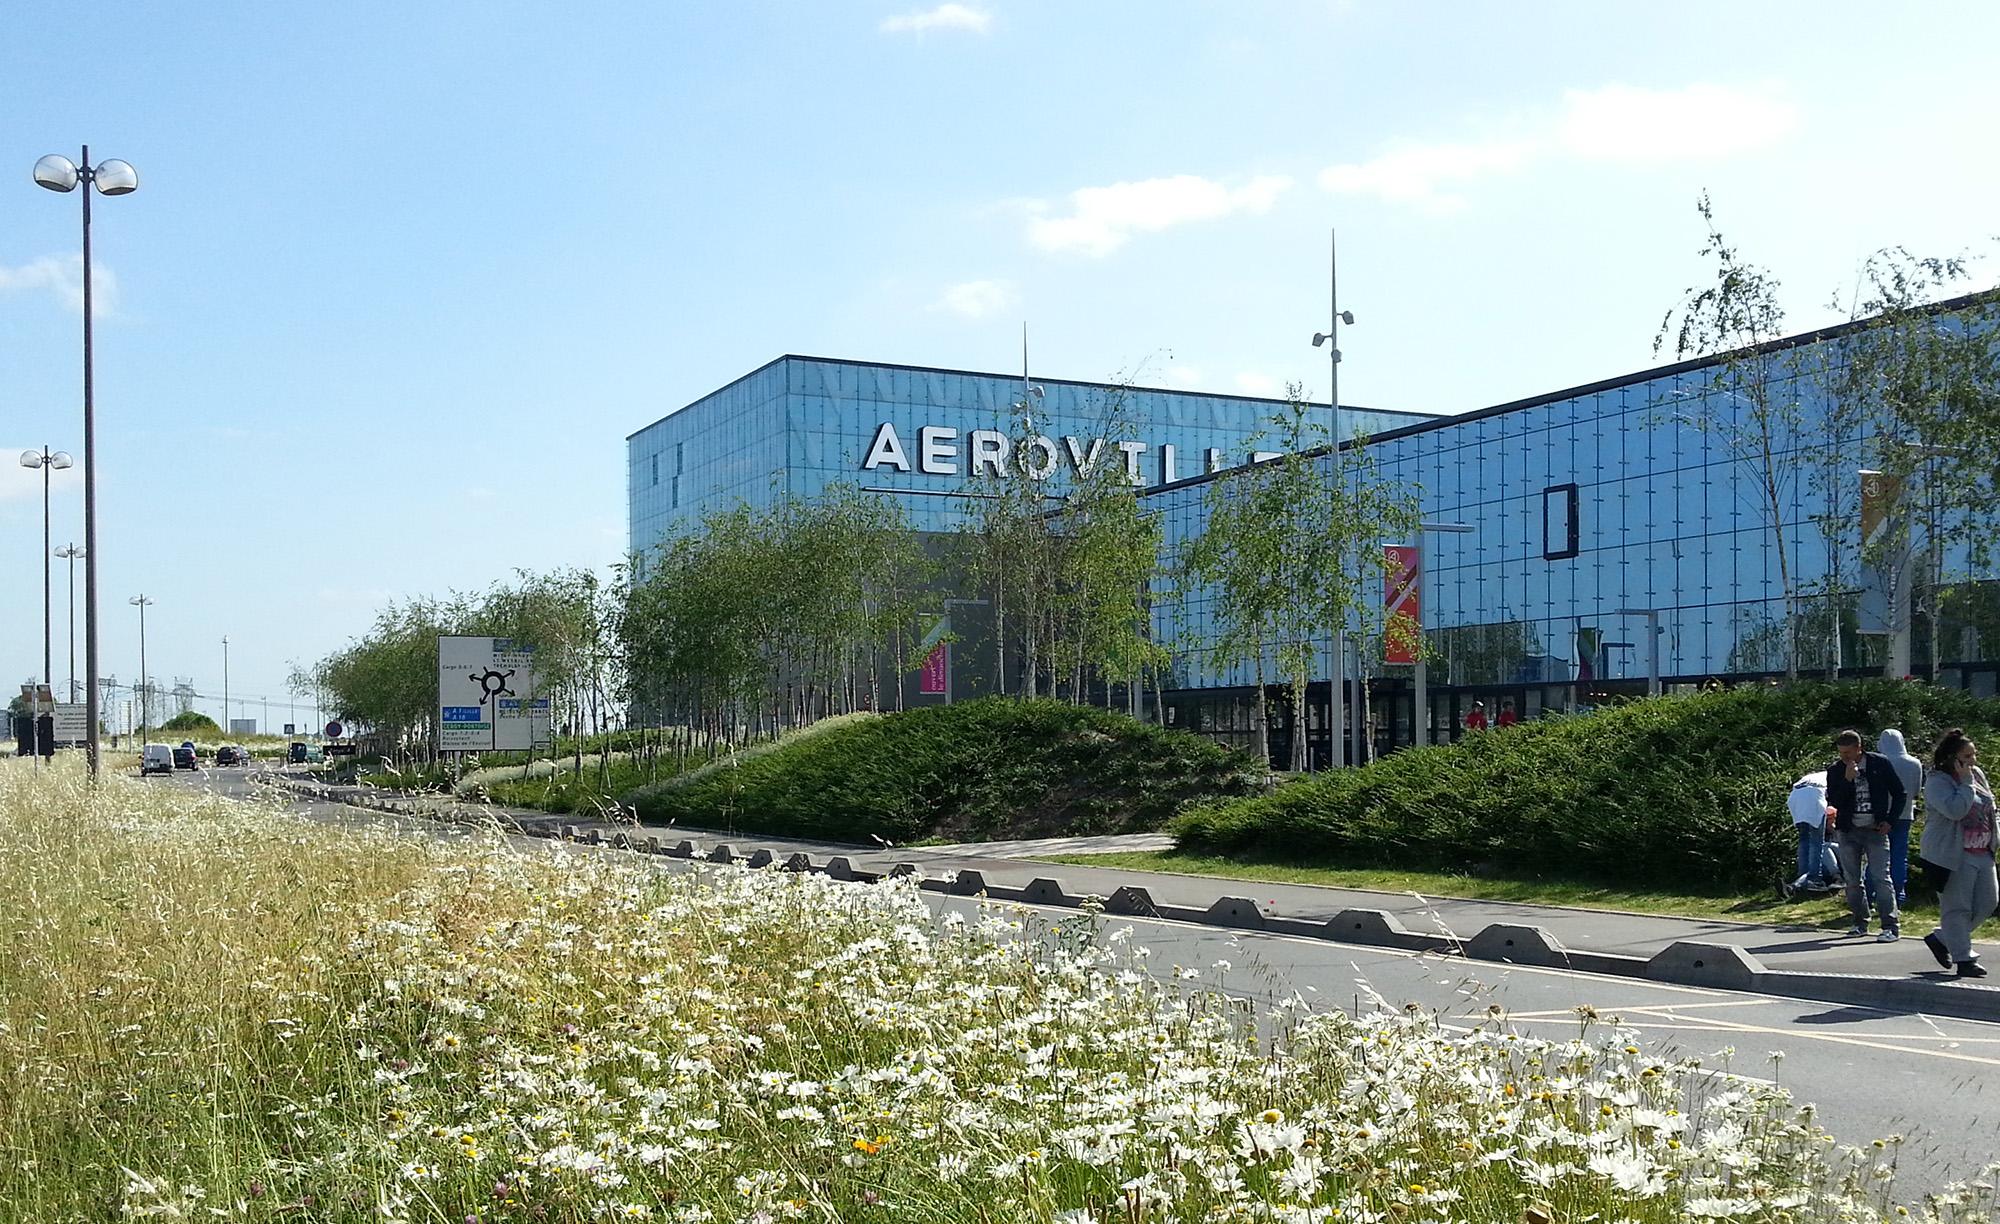 Mise en scène de la façades : Les modelages paysagers de l'aéroville